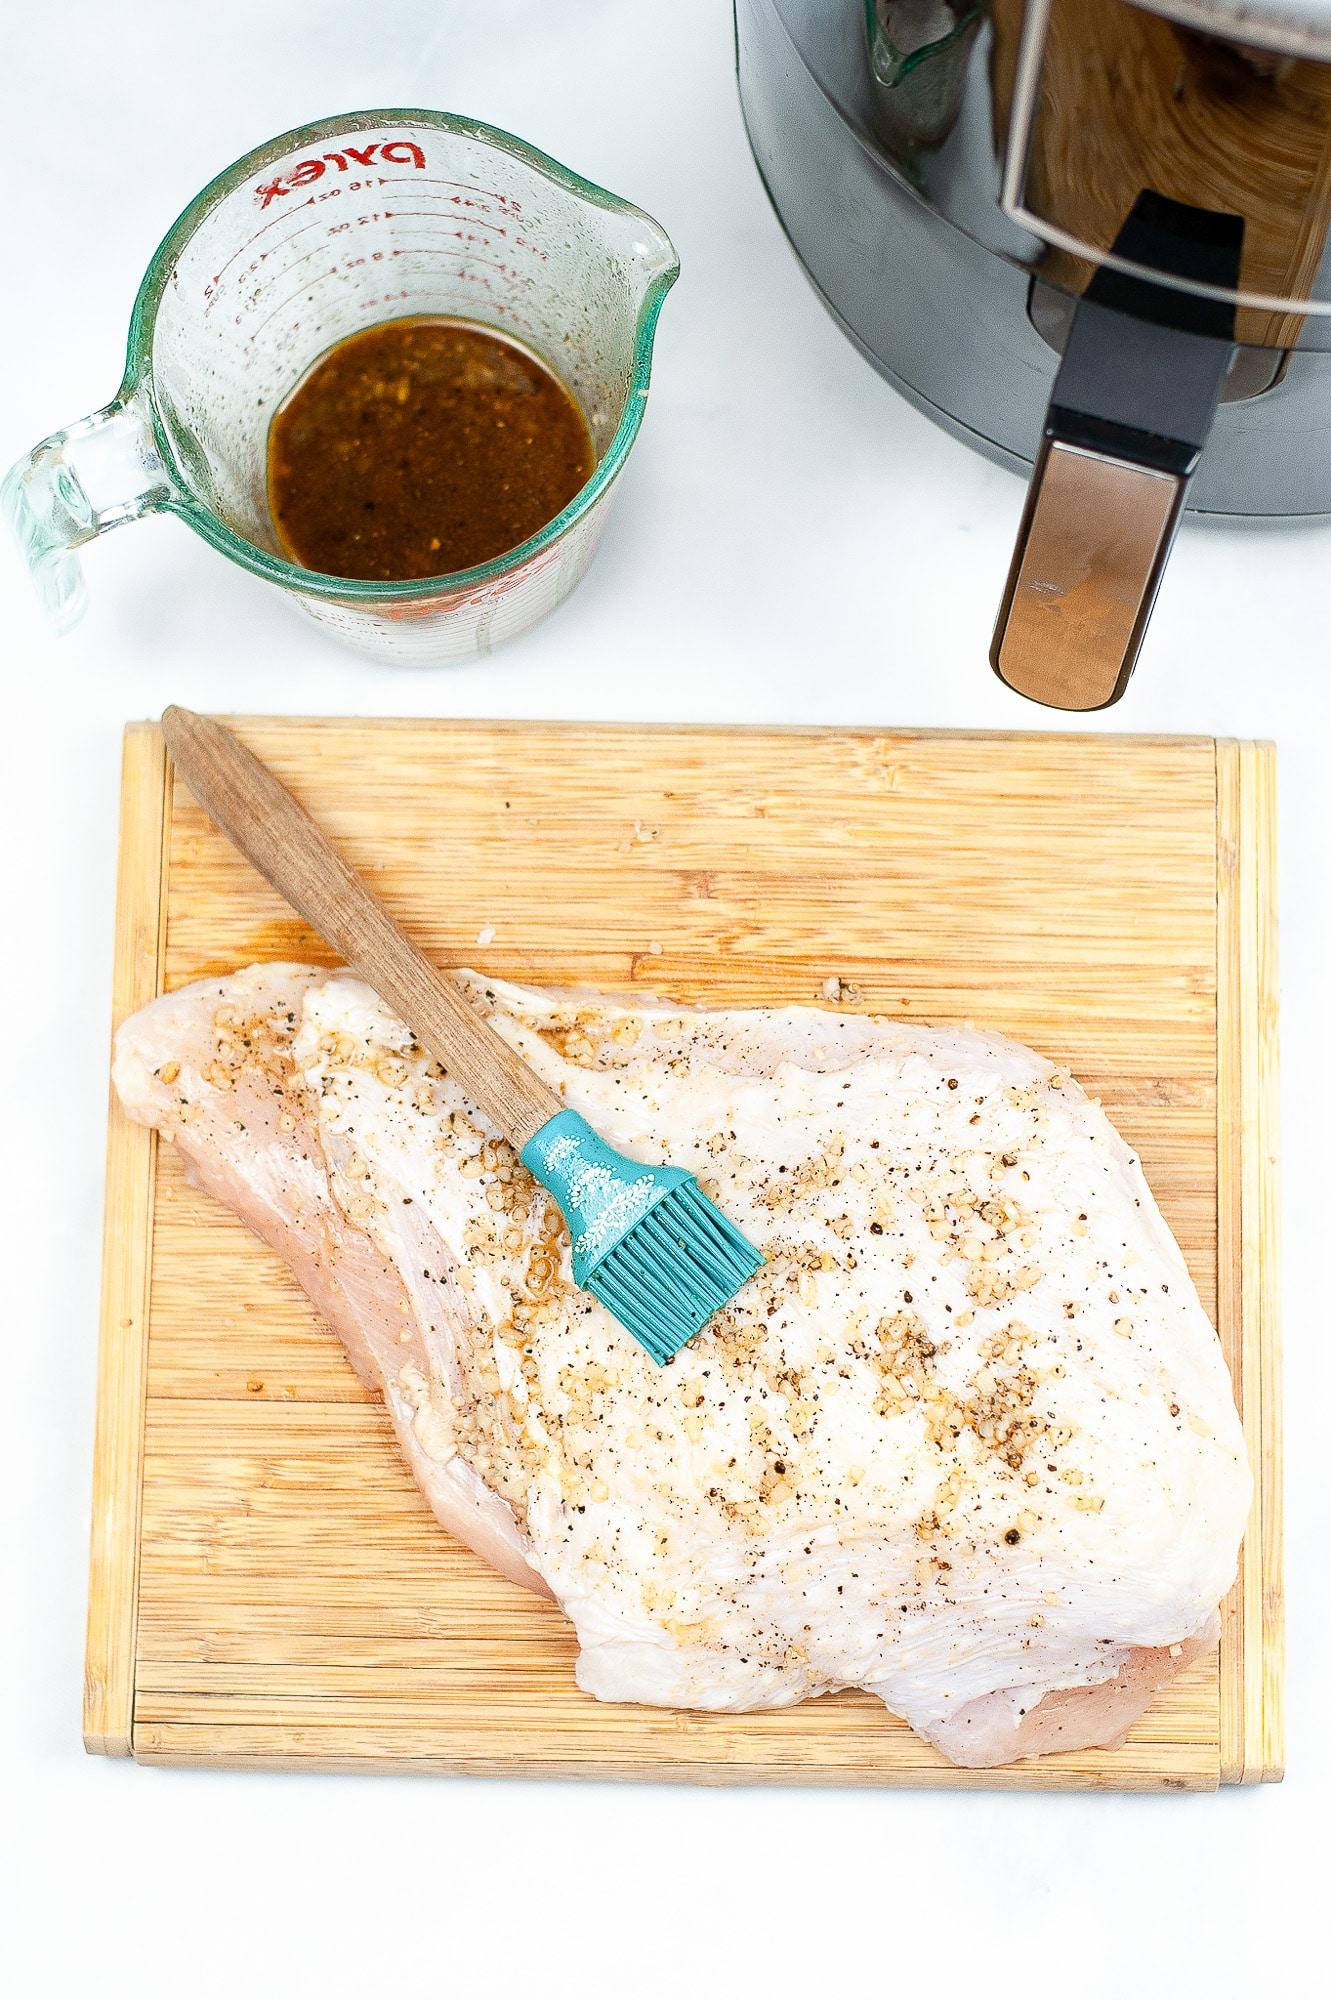 basting brush used to baste seasoning onto turkey breast